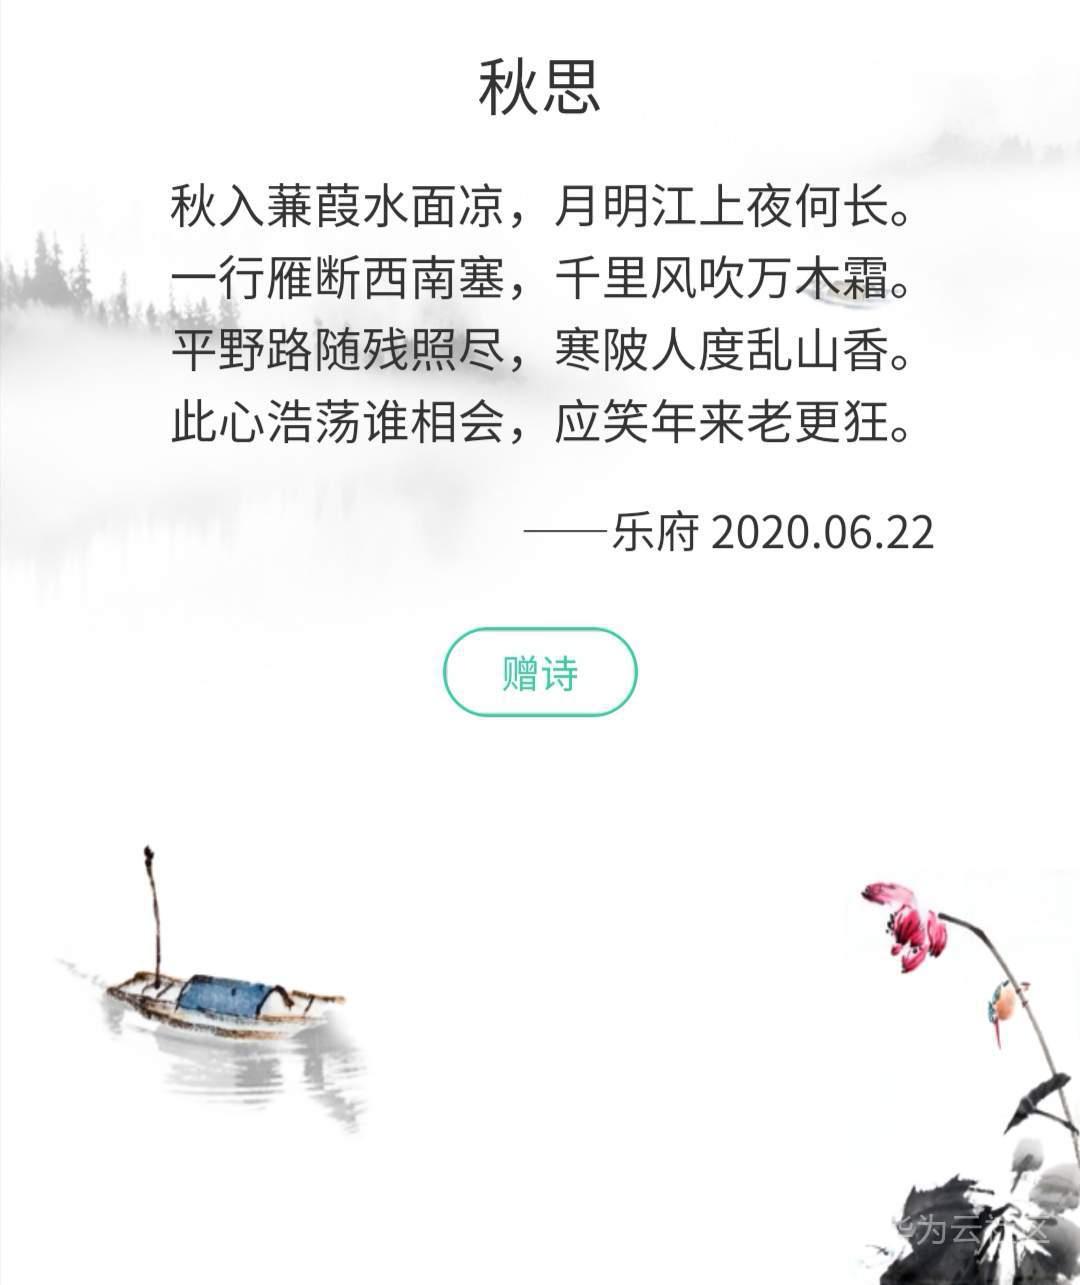 Screenshot_20200622_171125.jpg